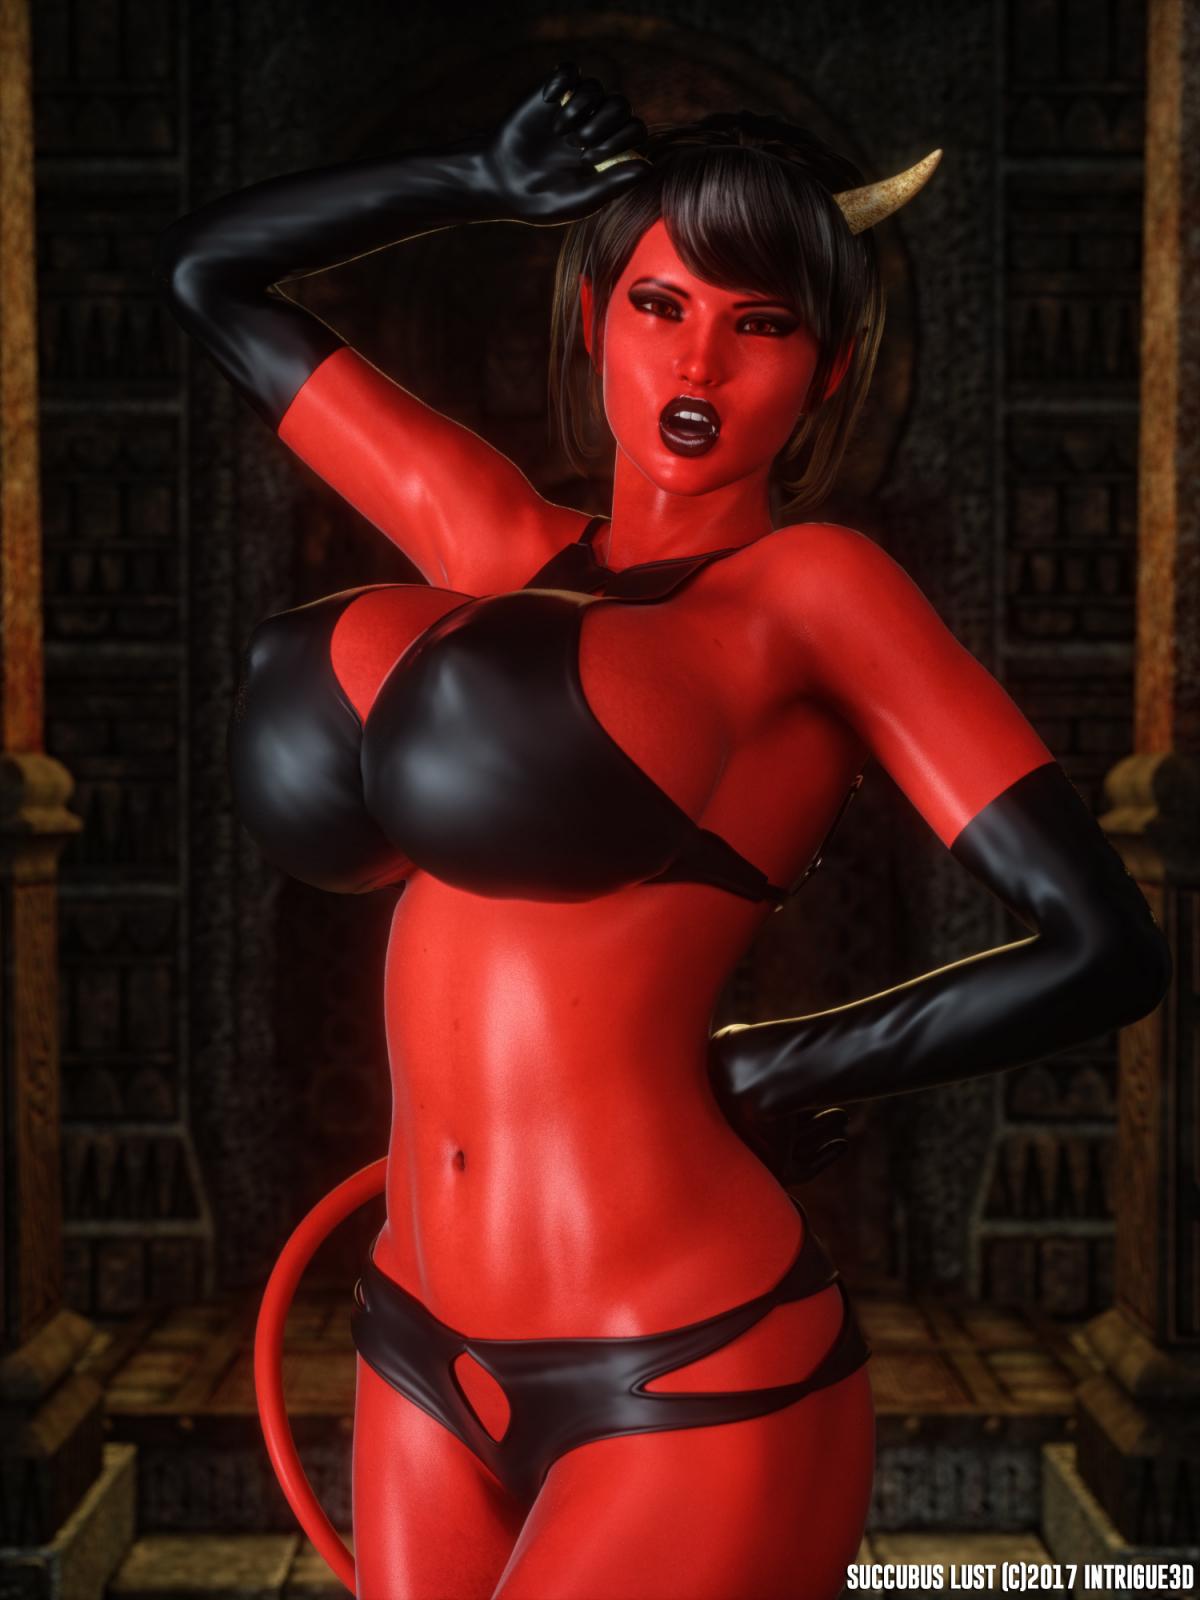 Hình ảnh 38857678040_d5ea0f3a79_o trong bài viết Succubus Lust